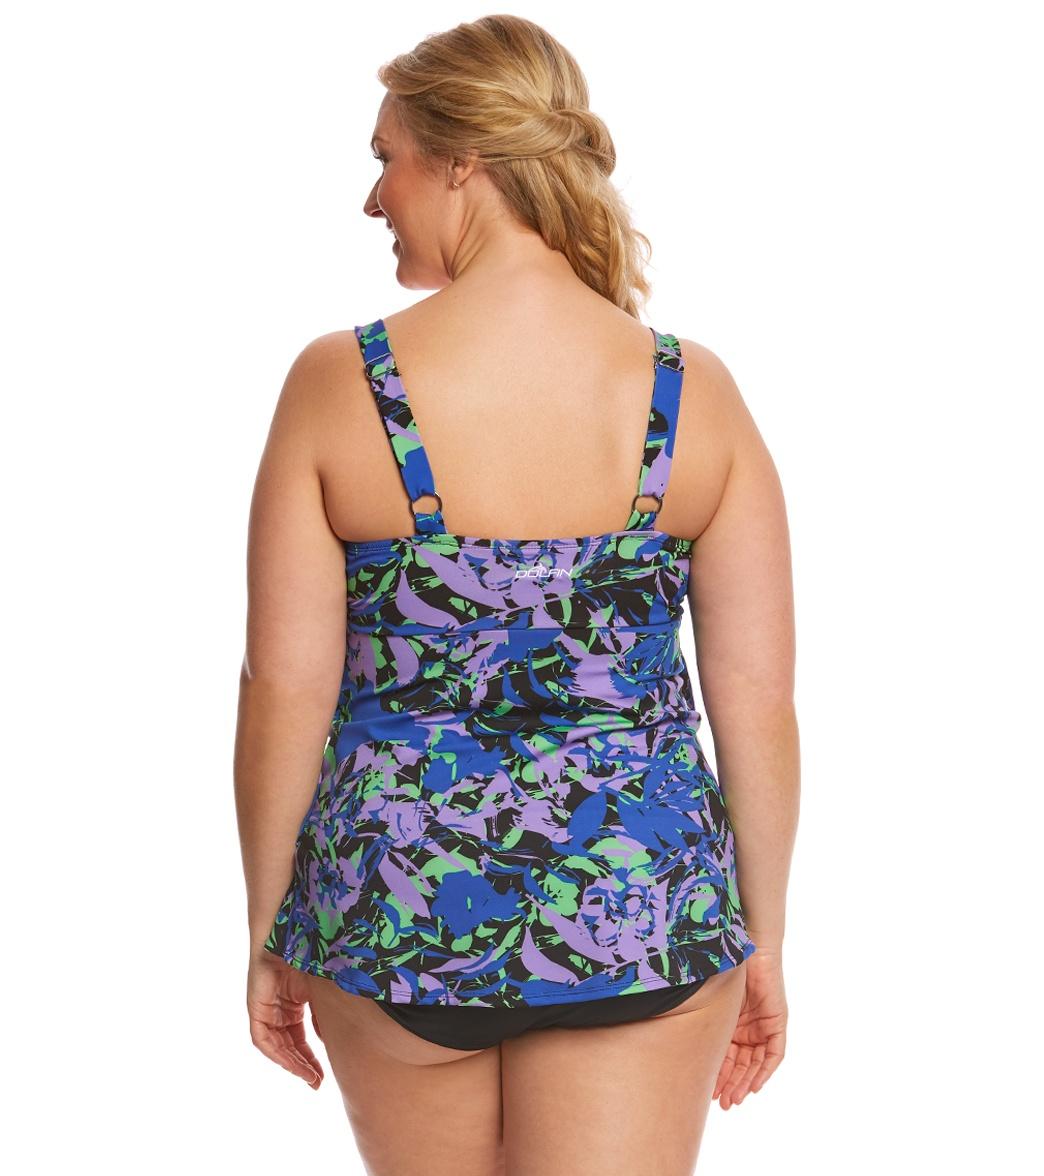 c81d1be7e8 Dolfin Aquashape Women's Plus Size Eden Ruffle Tier One Piece Swimsuit